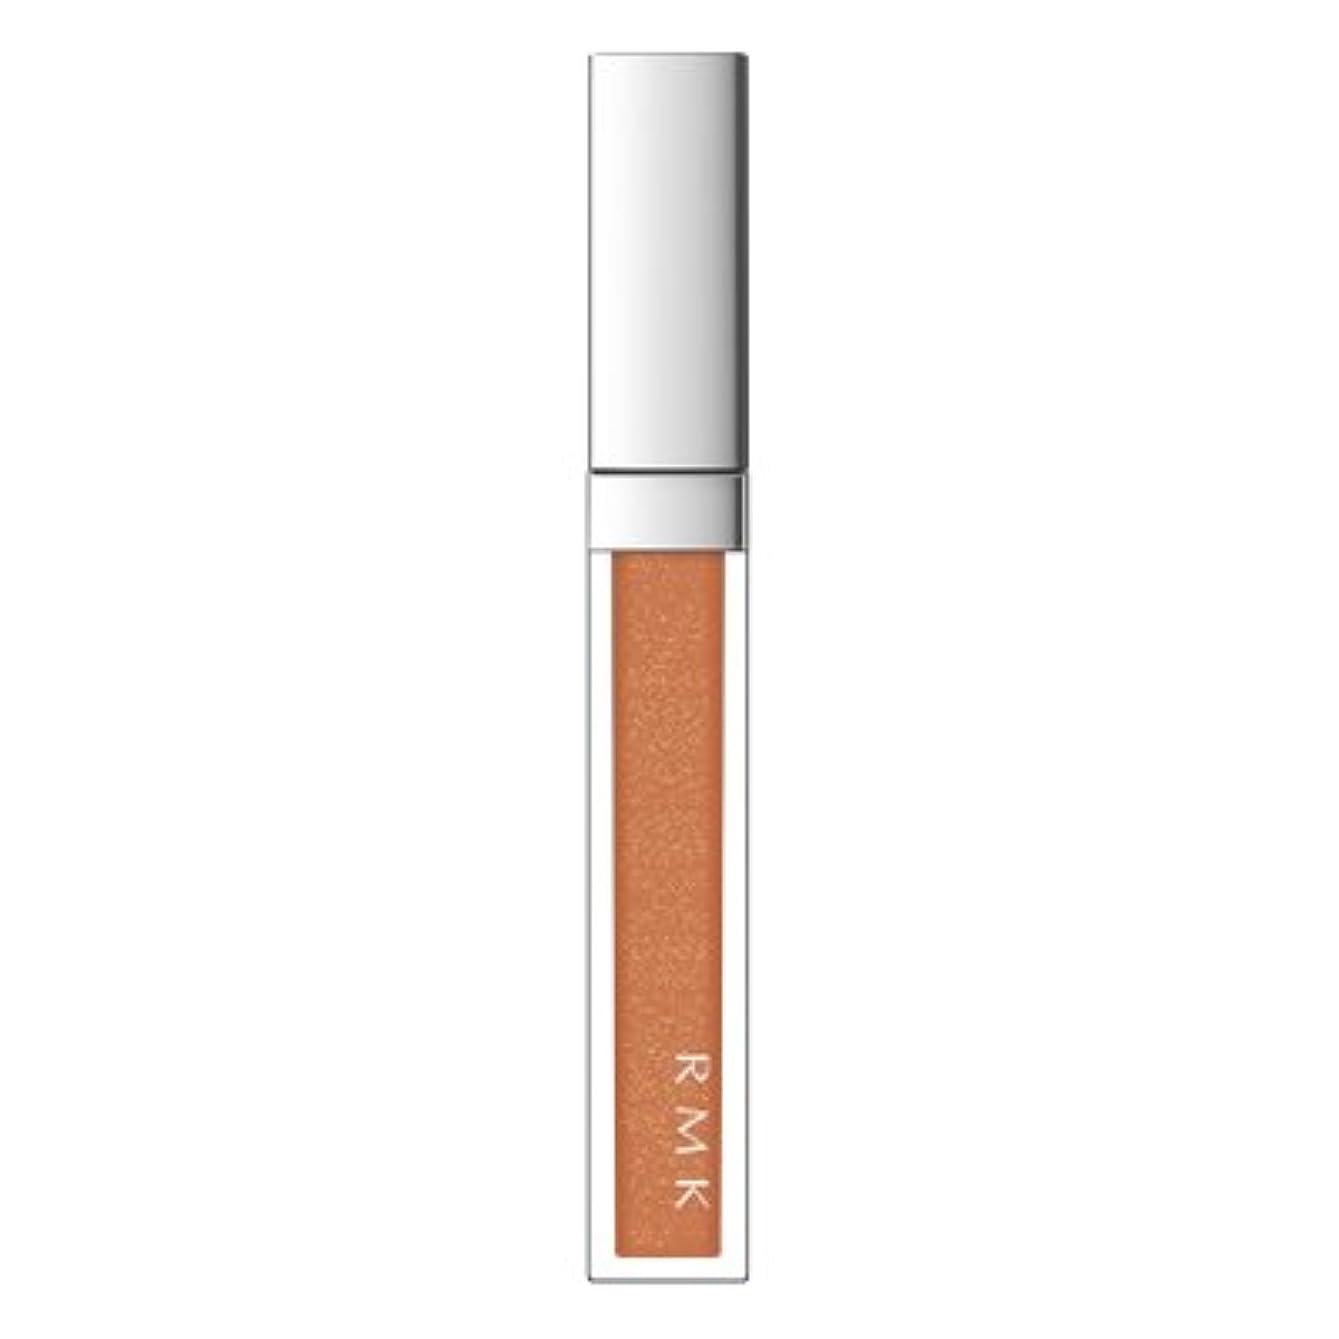 ホストラオス人贅沢RMK カラーリップグロス #09 オレンジシナモン 5.5g 【RMK (ルミコ)】